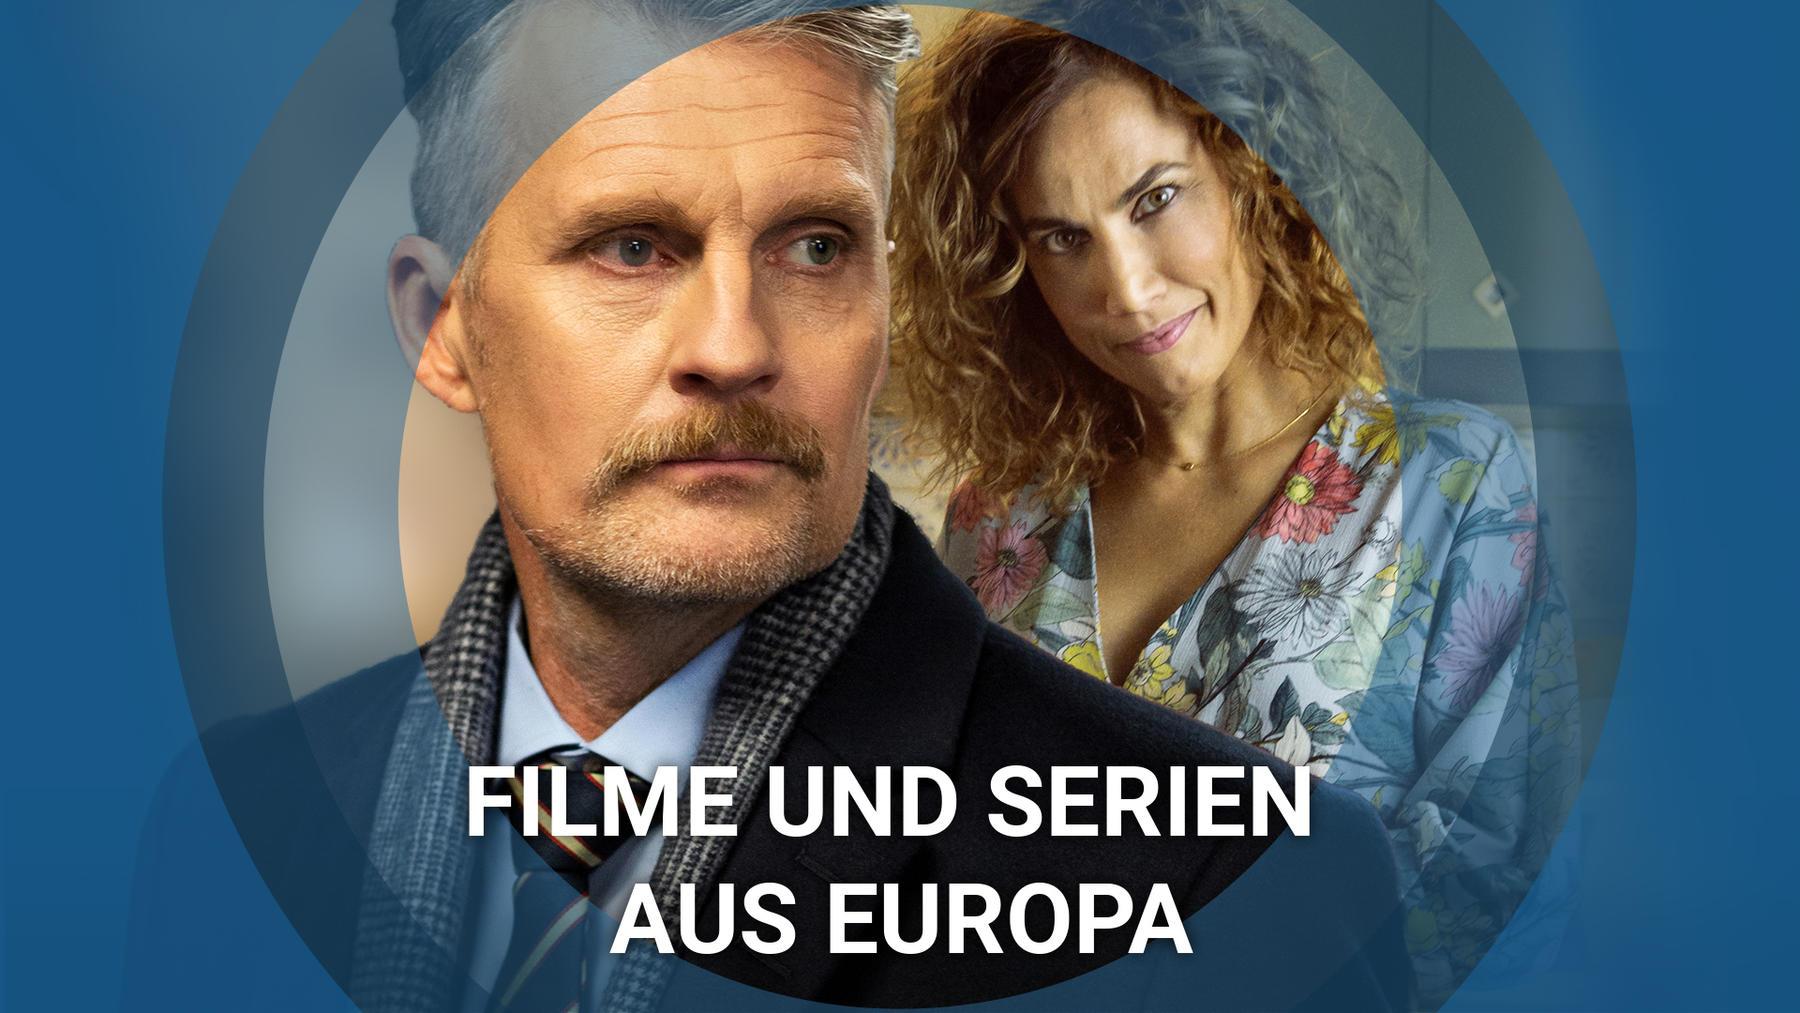 Filme und Serien aus Europa